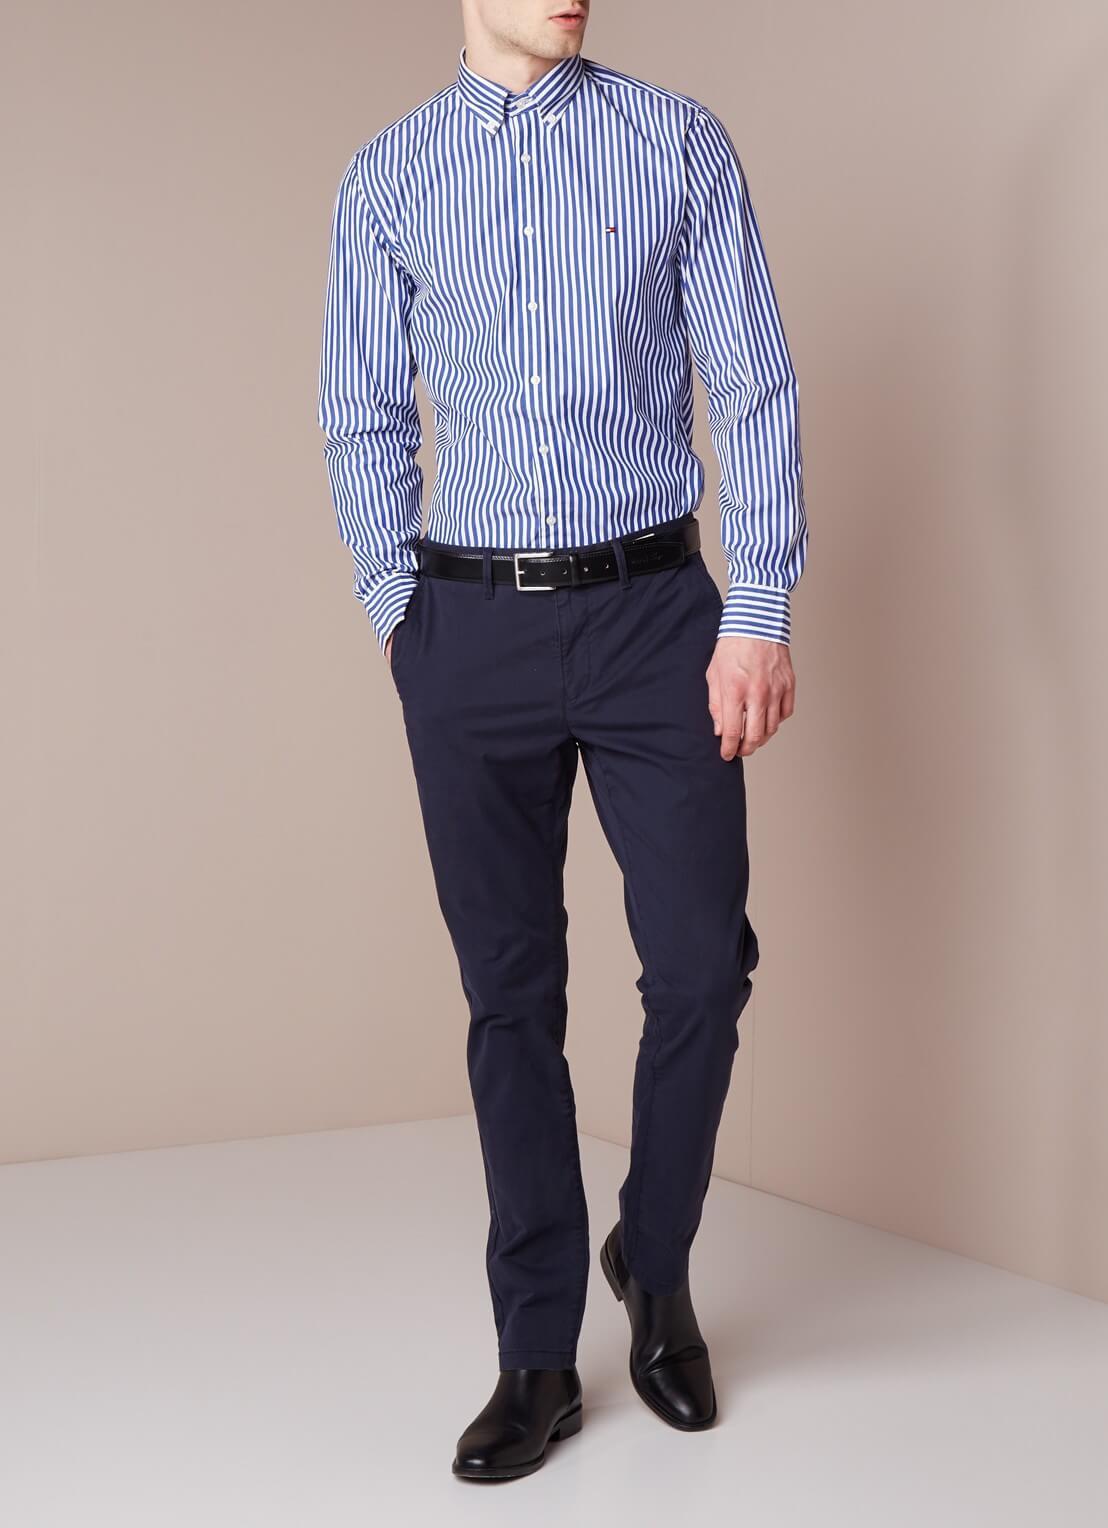 Work wear 4 - Mr.Draper